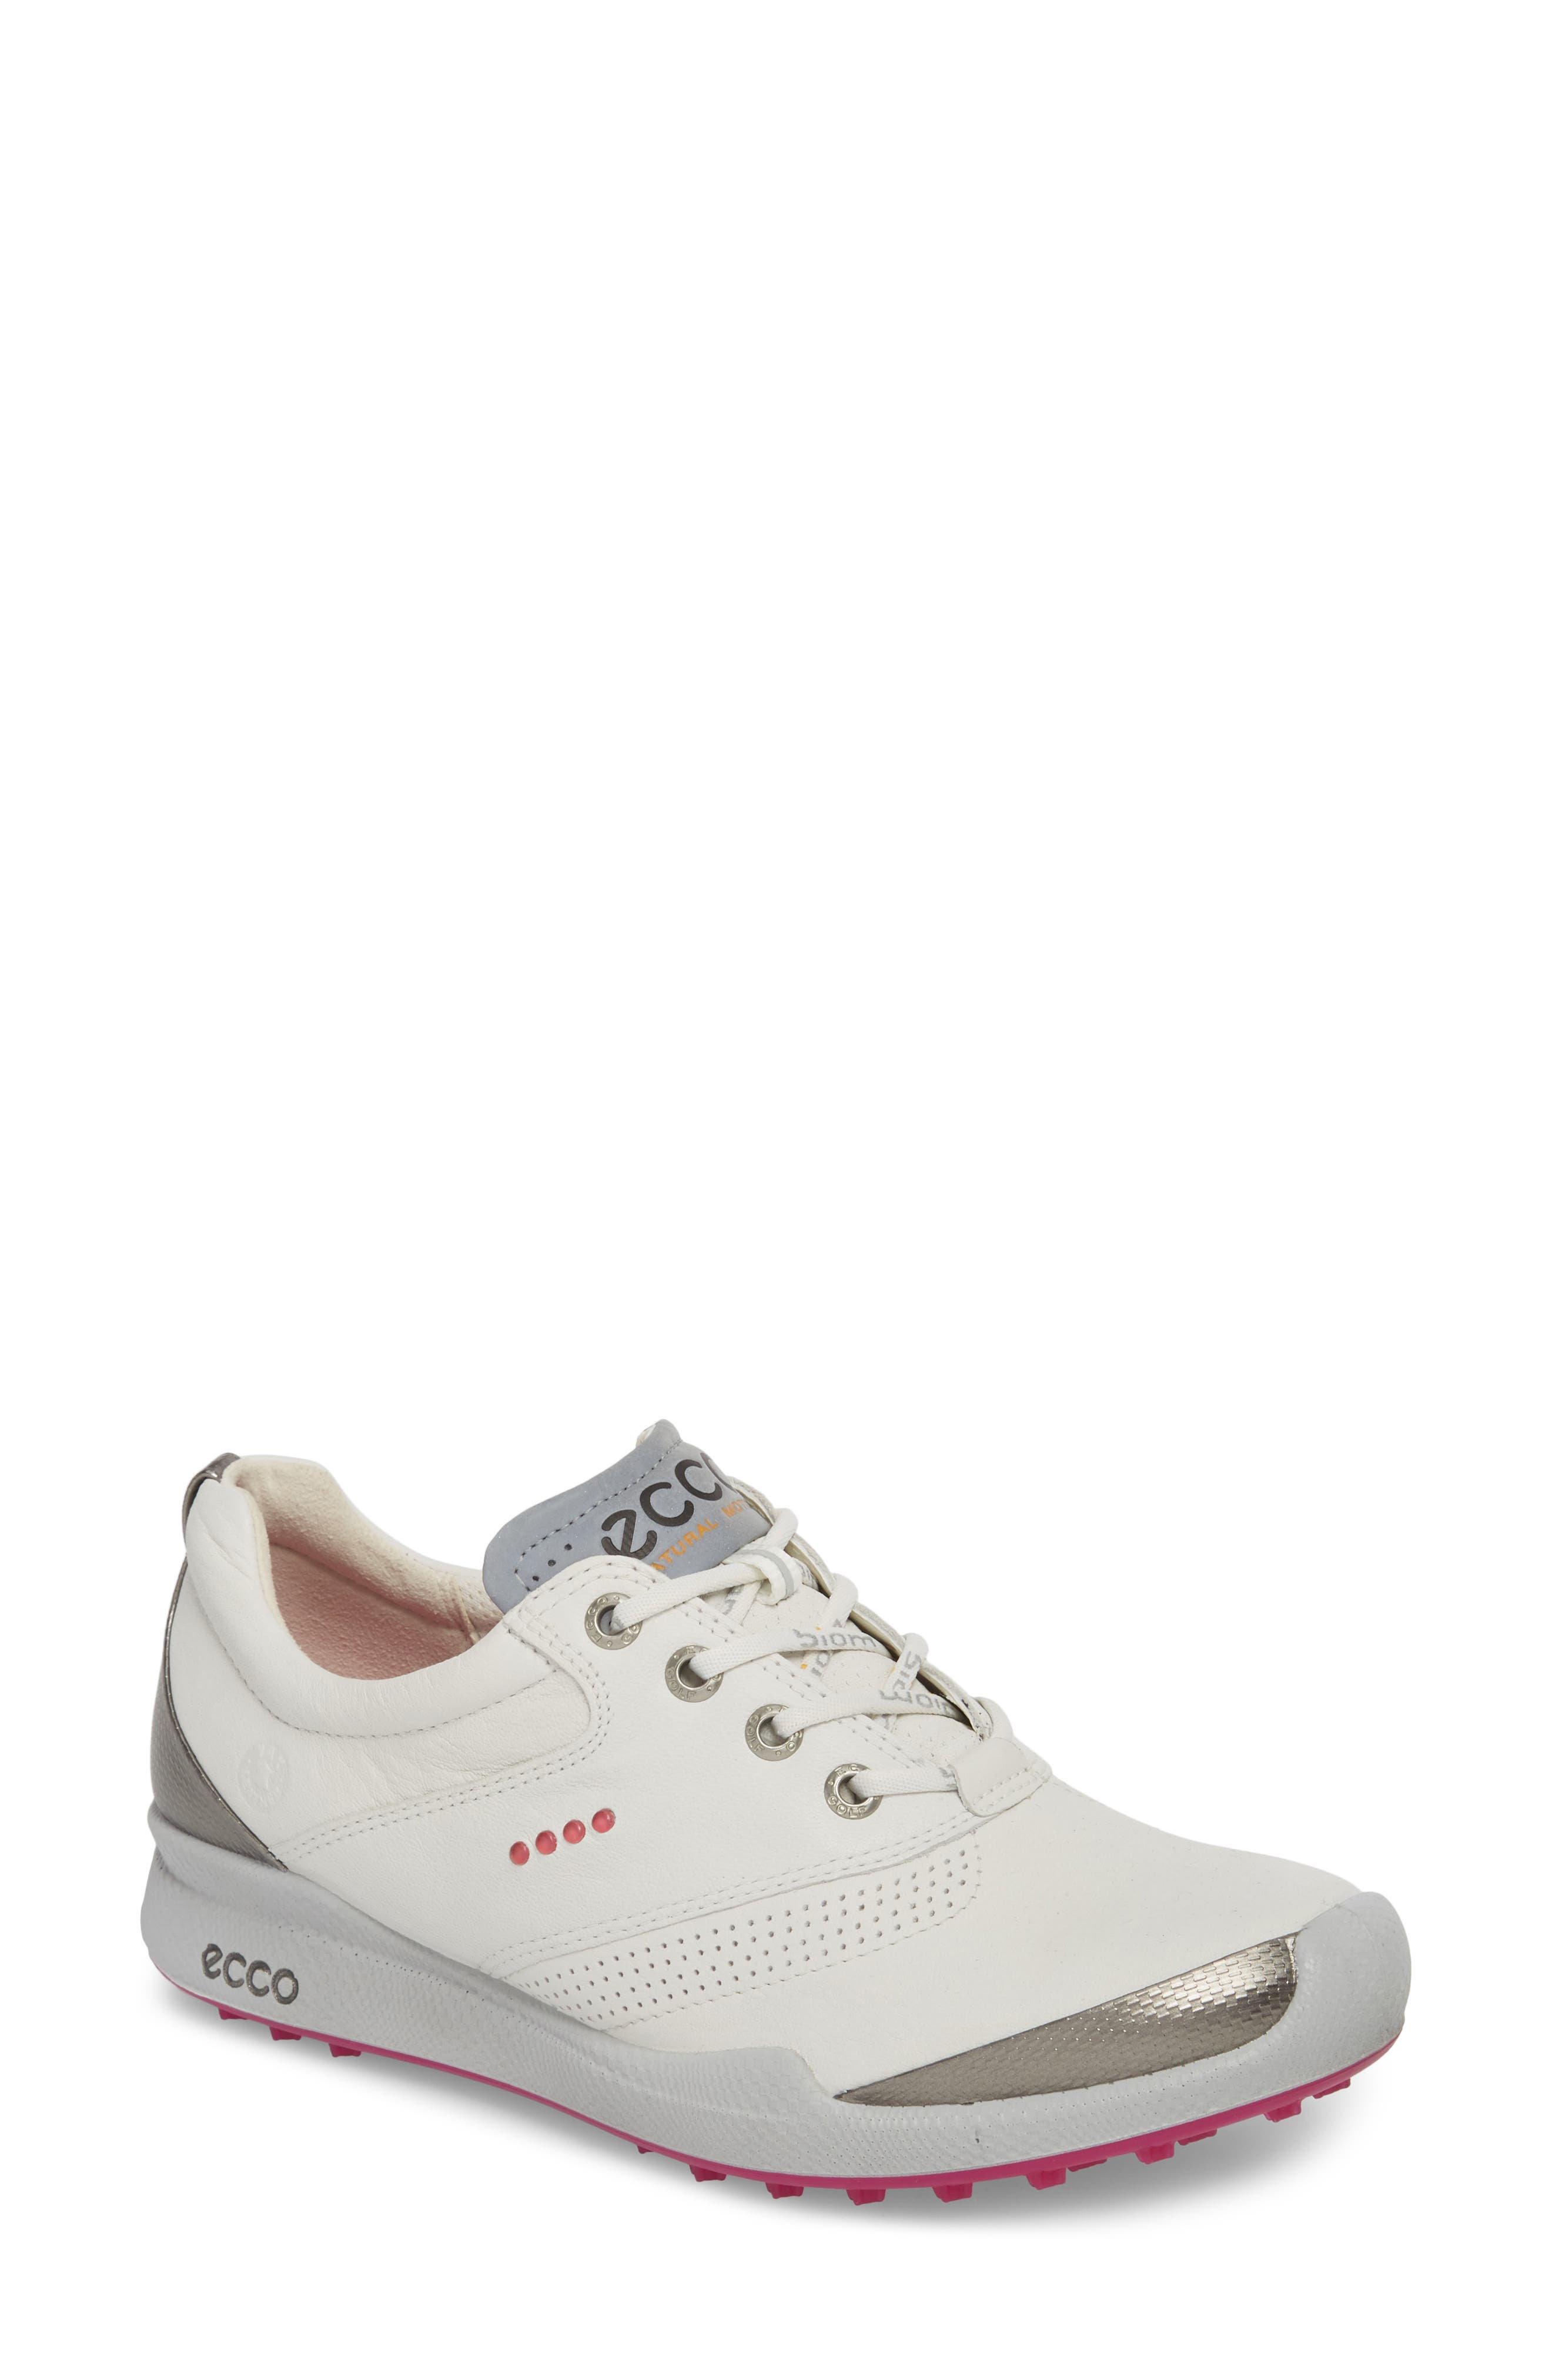 Biom Hybrid Golf Shoe,                         Main,                         color,